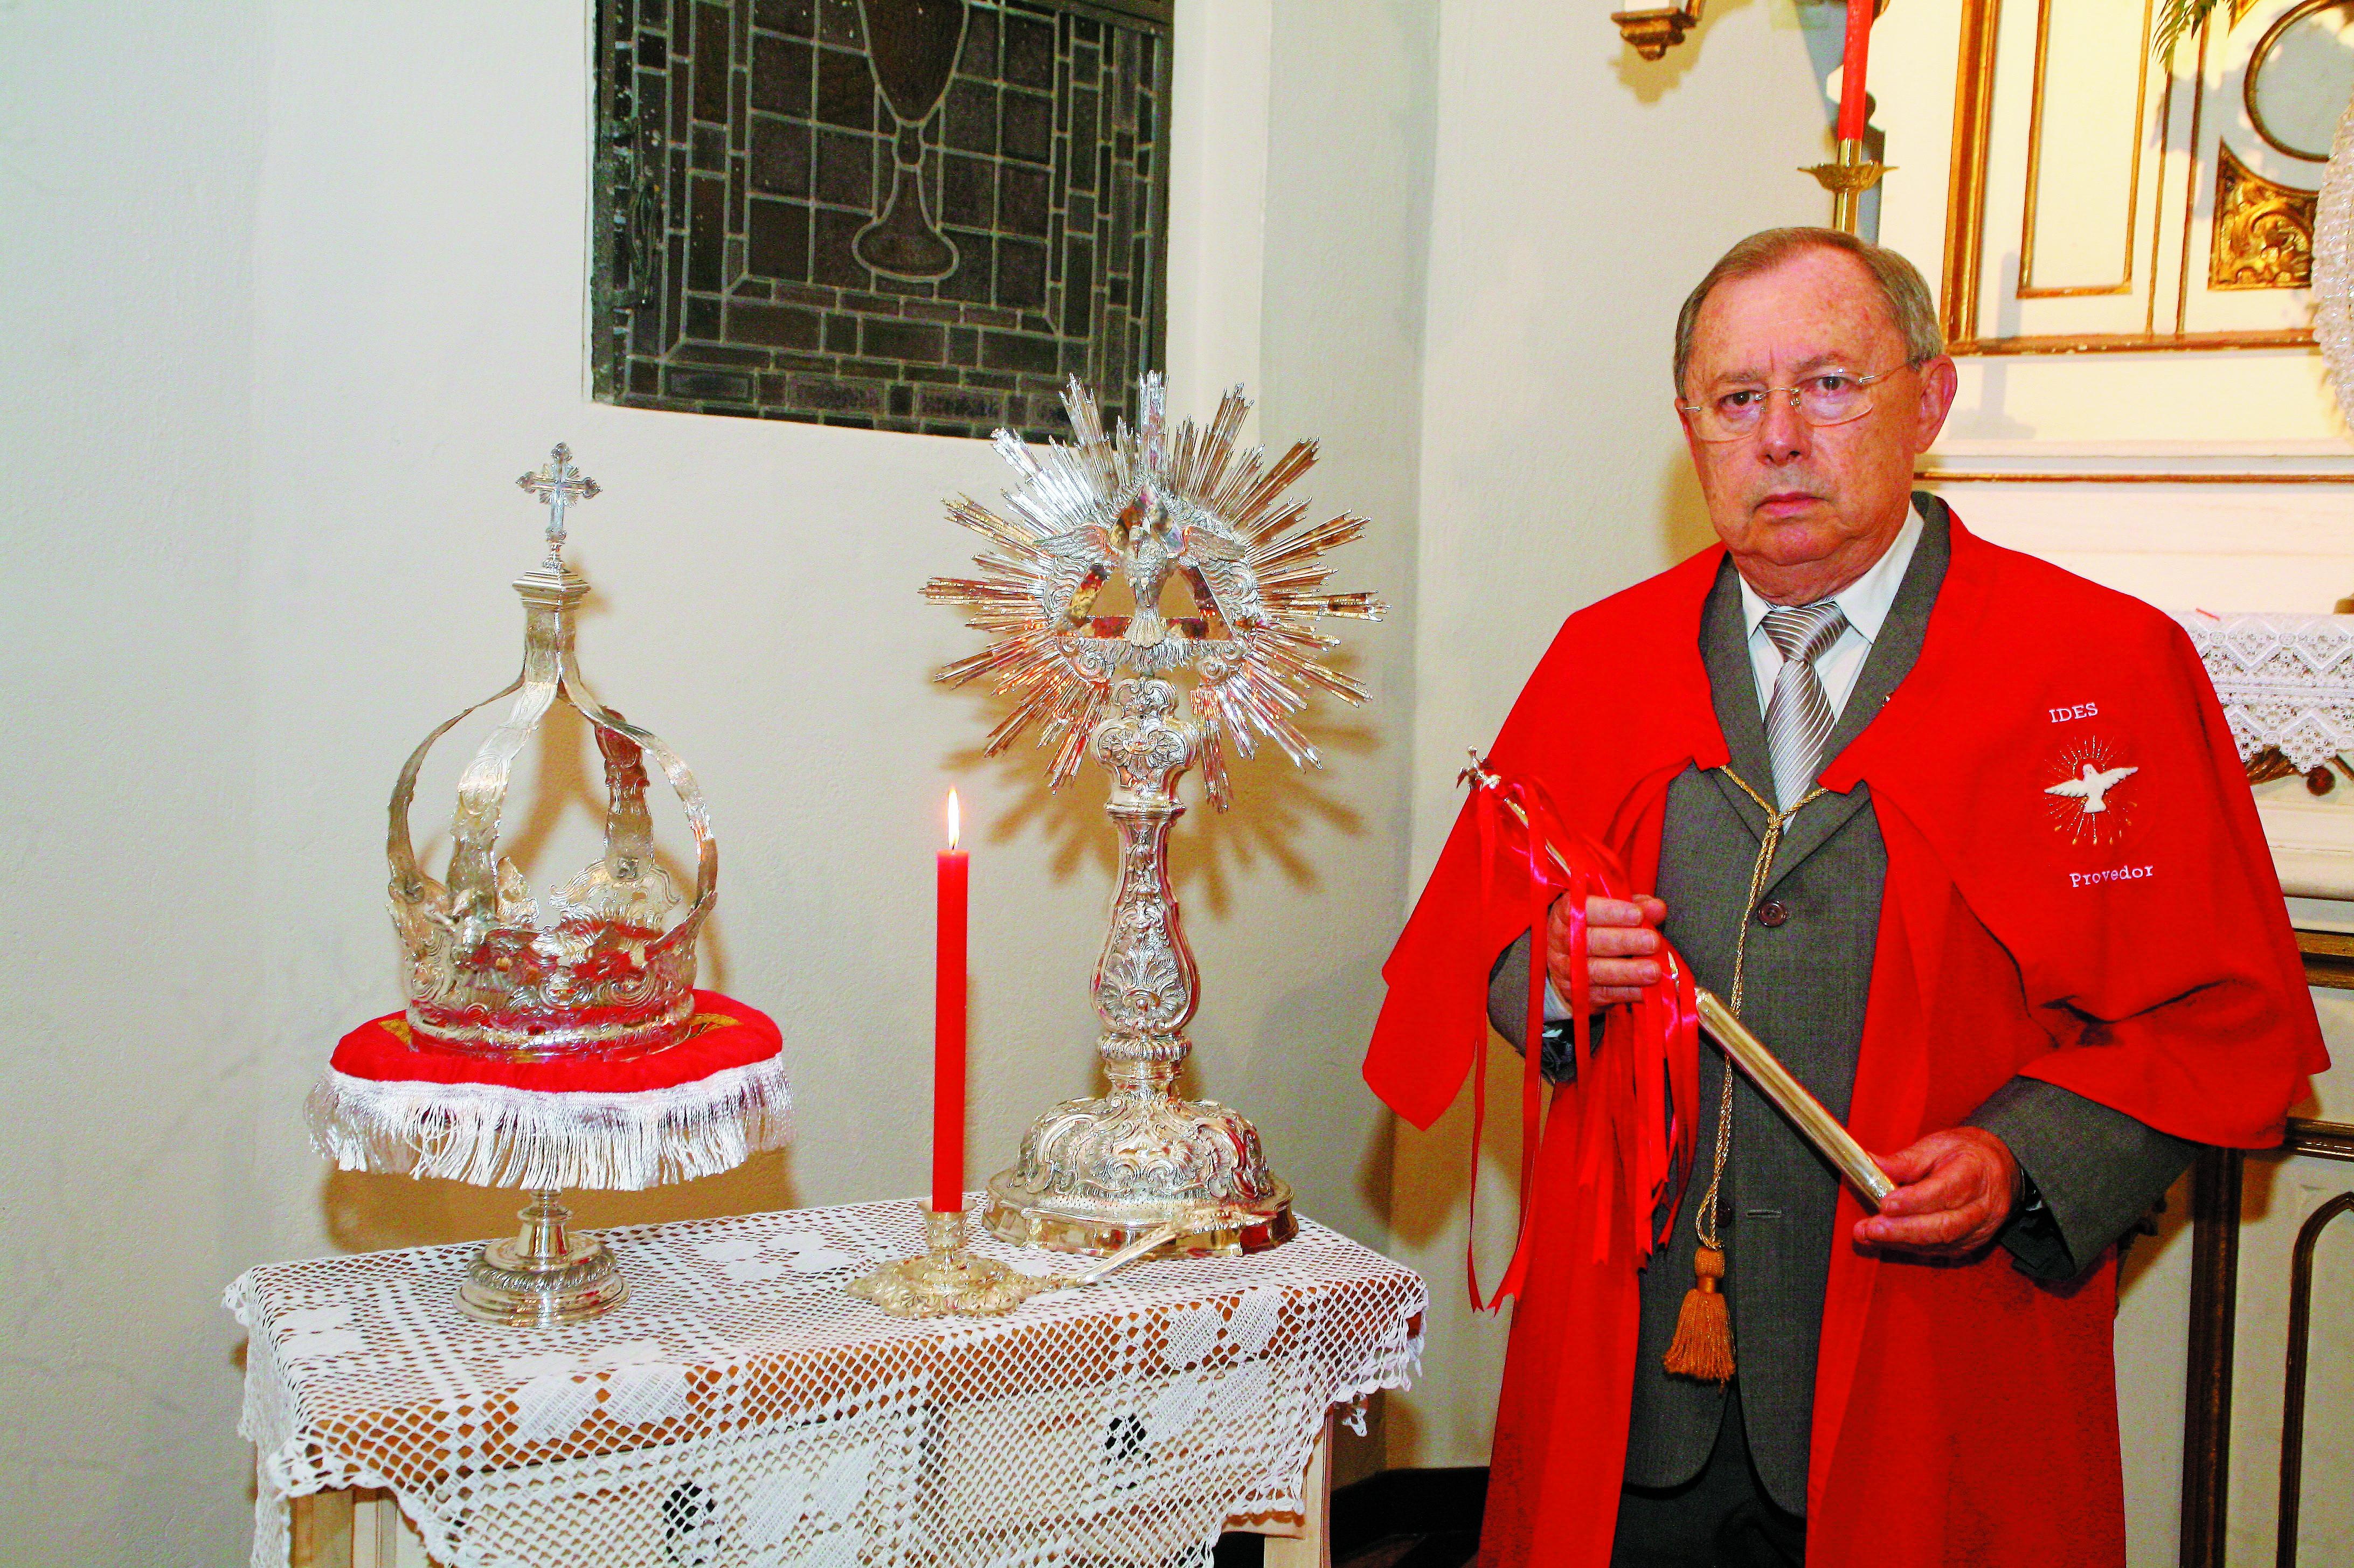 Ademar Cirimbelli, provedor da Irmandade do Divino Espírito Santos, com a coroa e o cetro de 1774  - Divulgação/ND